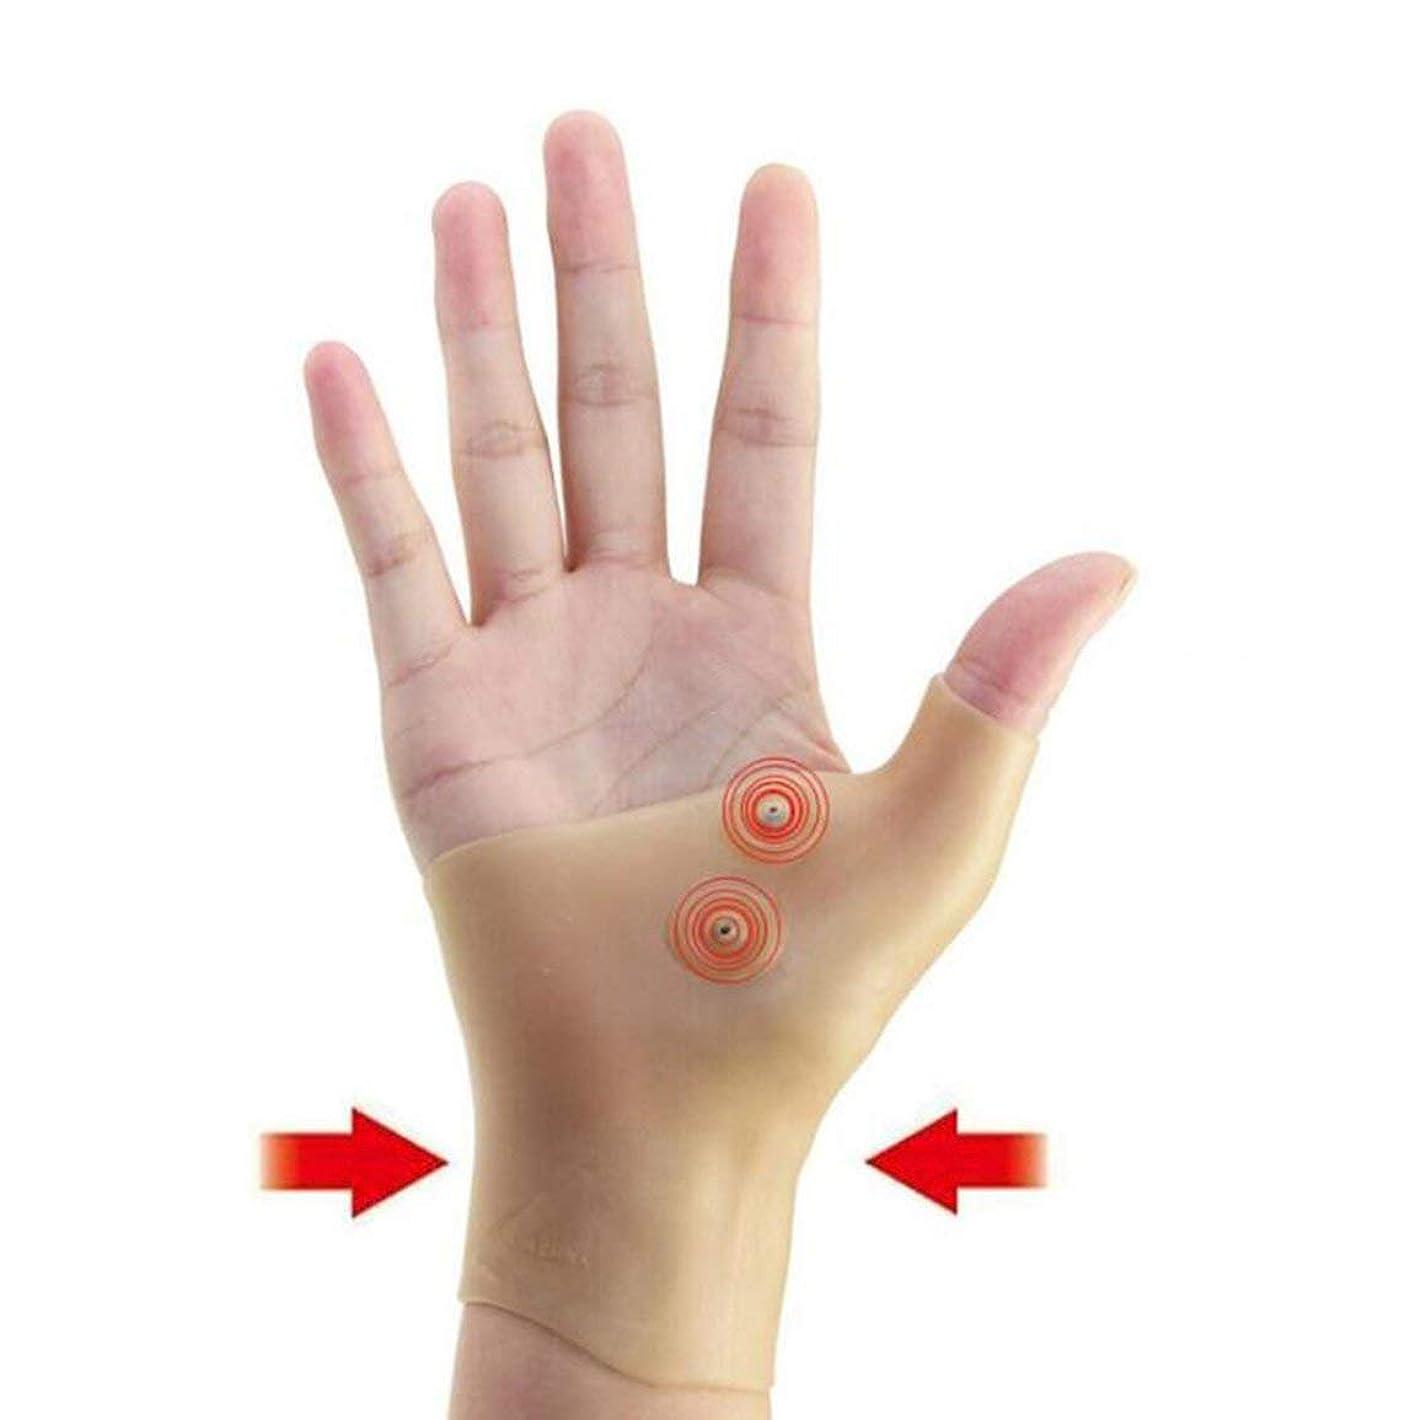 弱点約ディスカウント磁気療法手首手親指サポート手袋シリコーンゲル関節炎圧力矯正器マッサージ痛み緩和手袋 - 肌の色